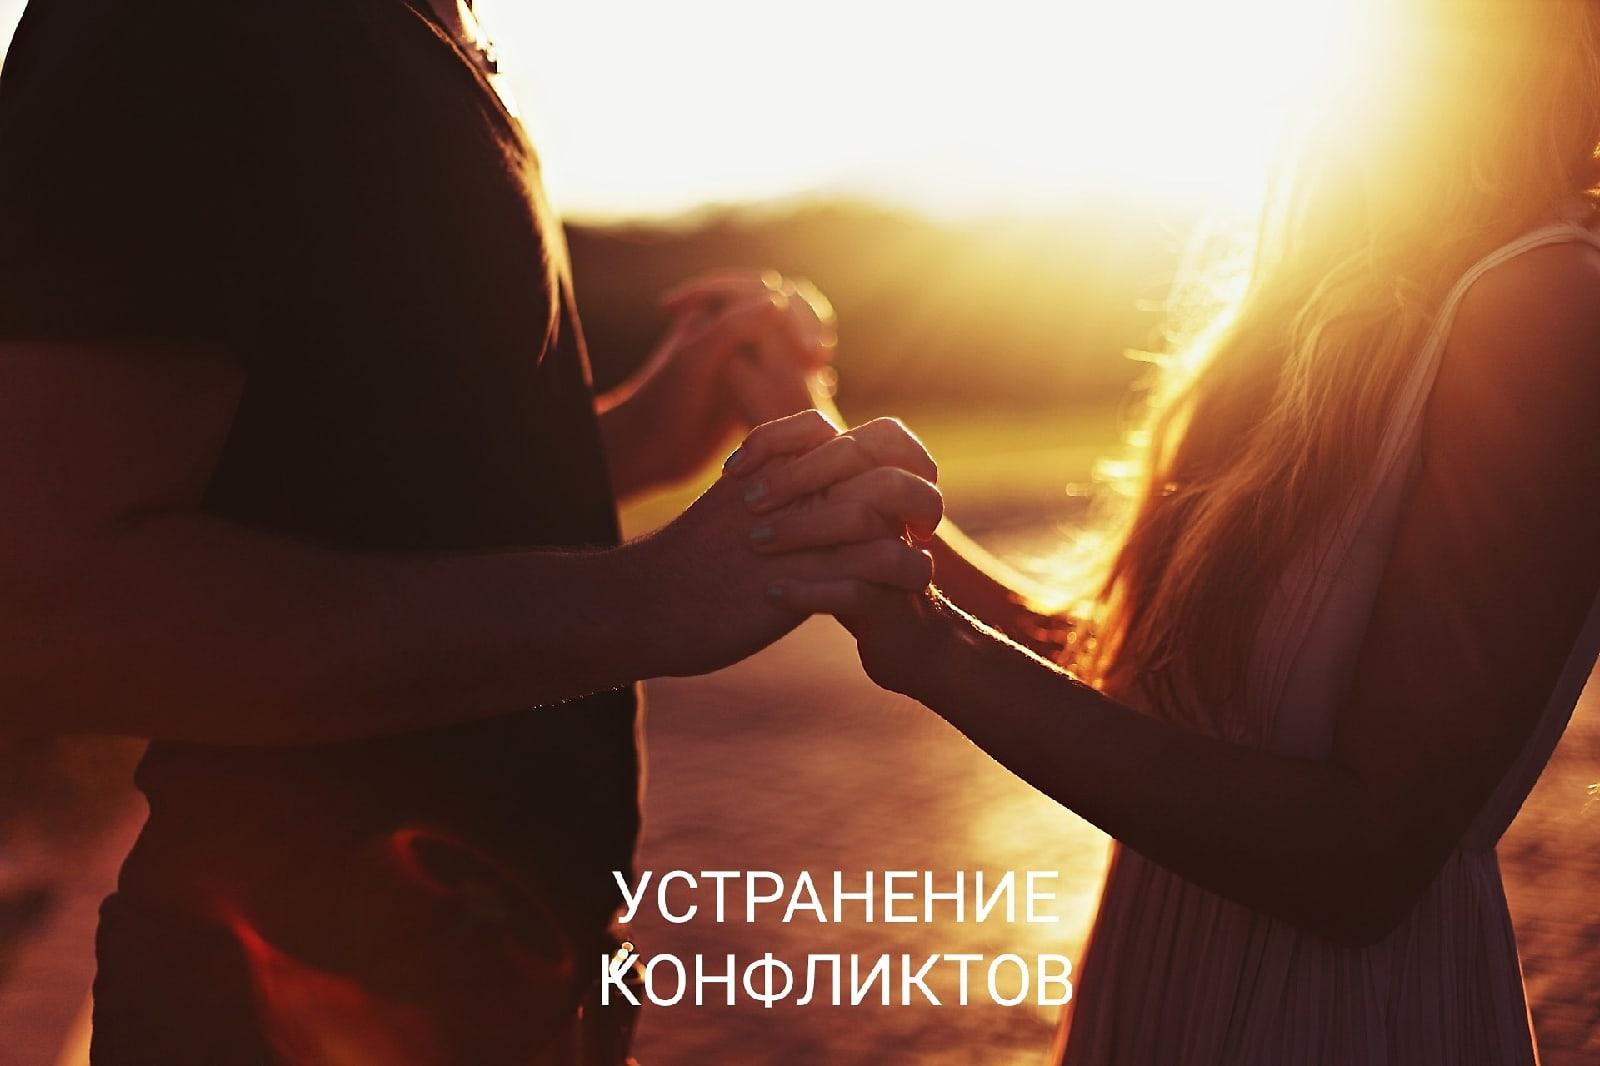 Хештег отношения на   Салон Магии и Мистики Елены Руденко. Киев ,тел: +380506251562 NmnyjDevZqY